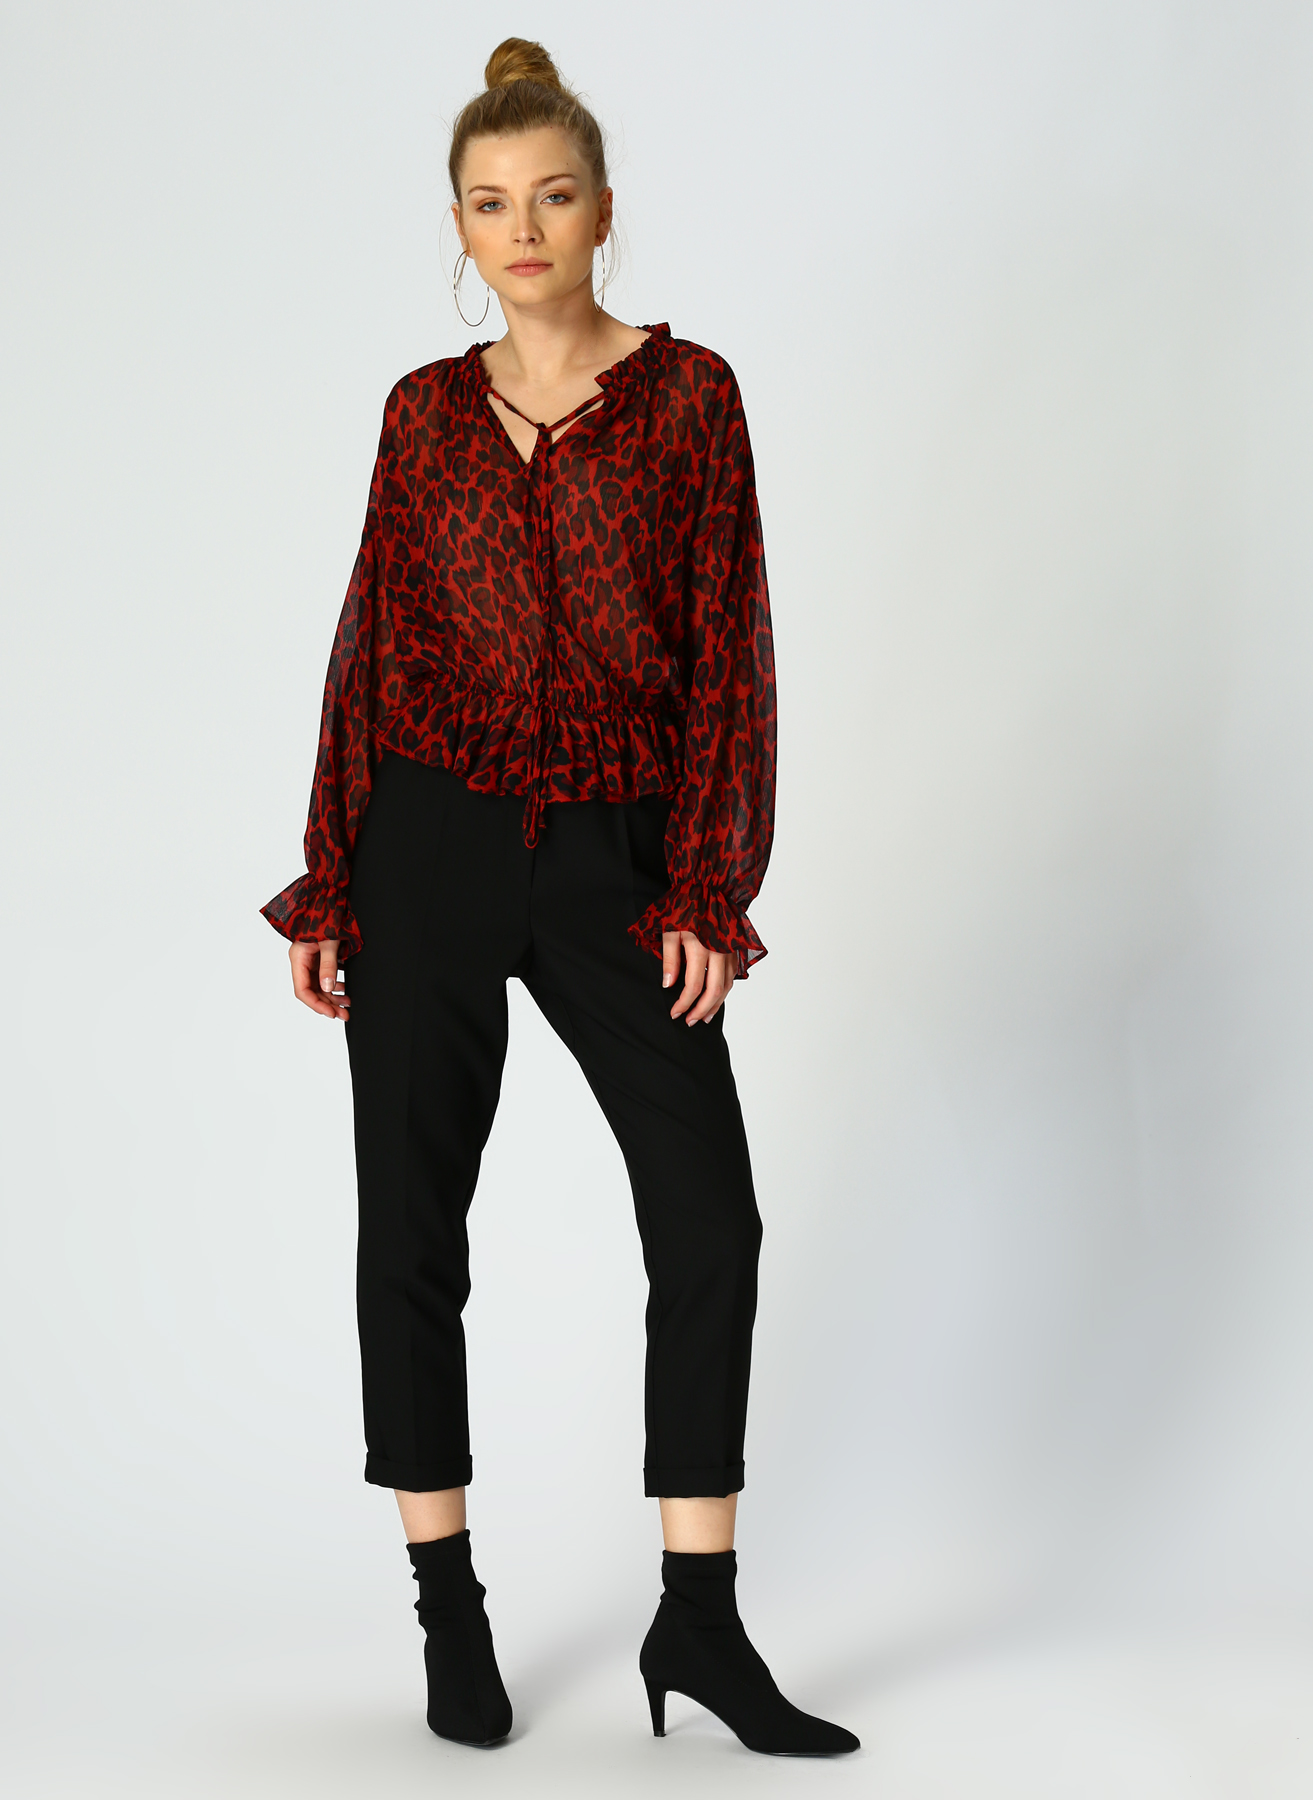 Random Klasik Siyah Pantolon 46 5002300636007 Ürün Resmi